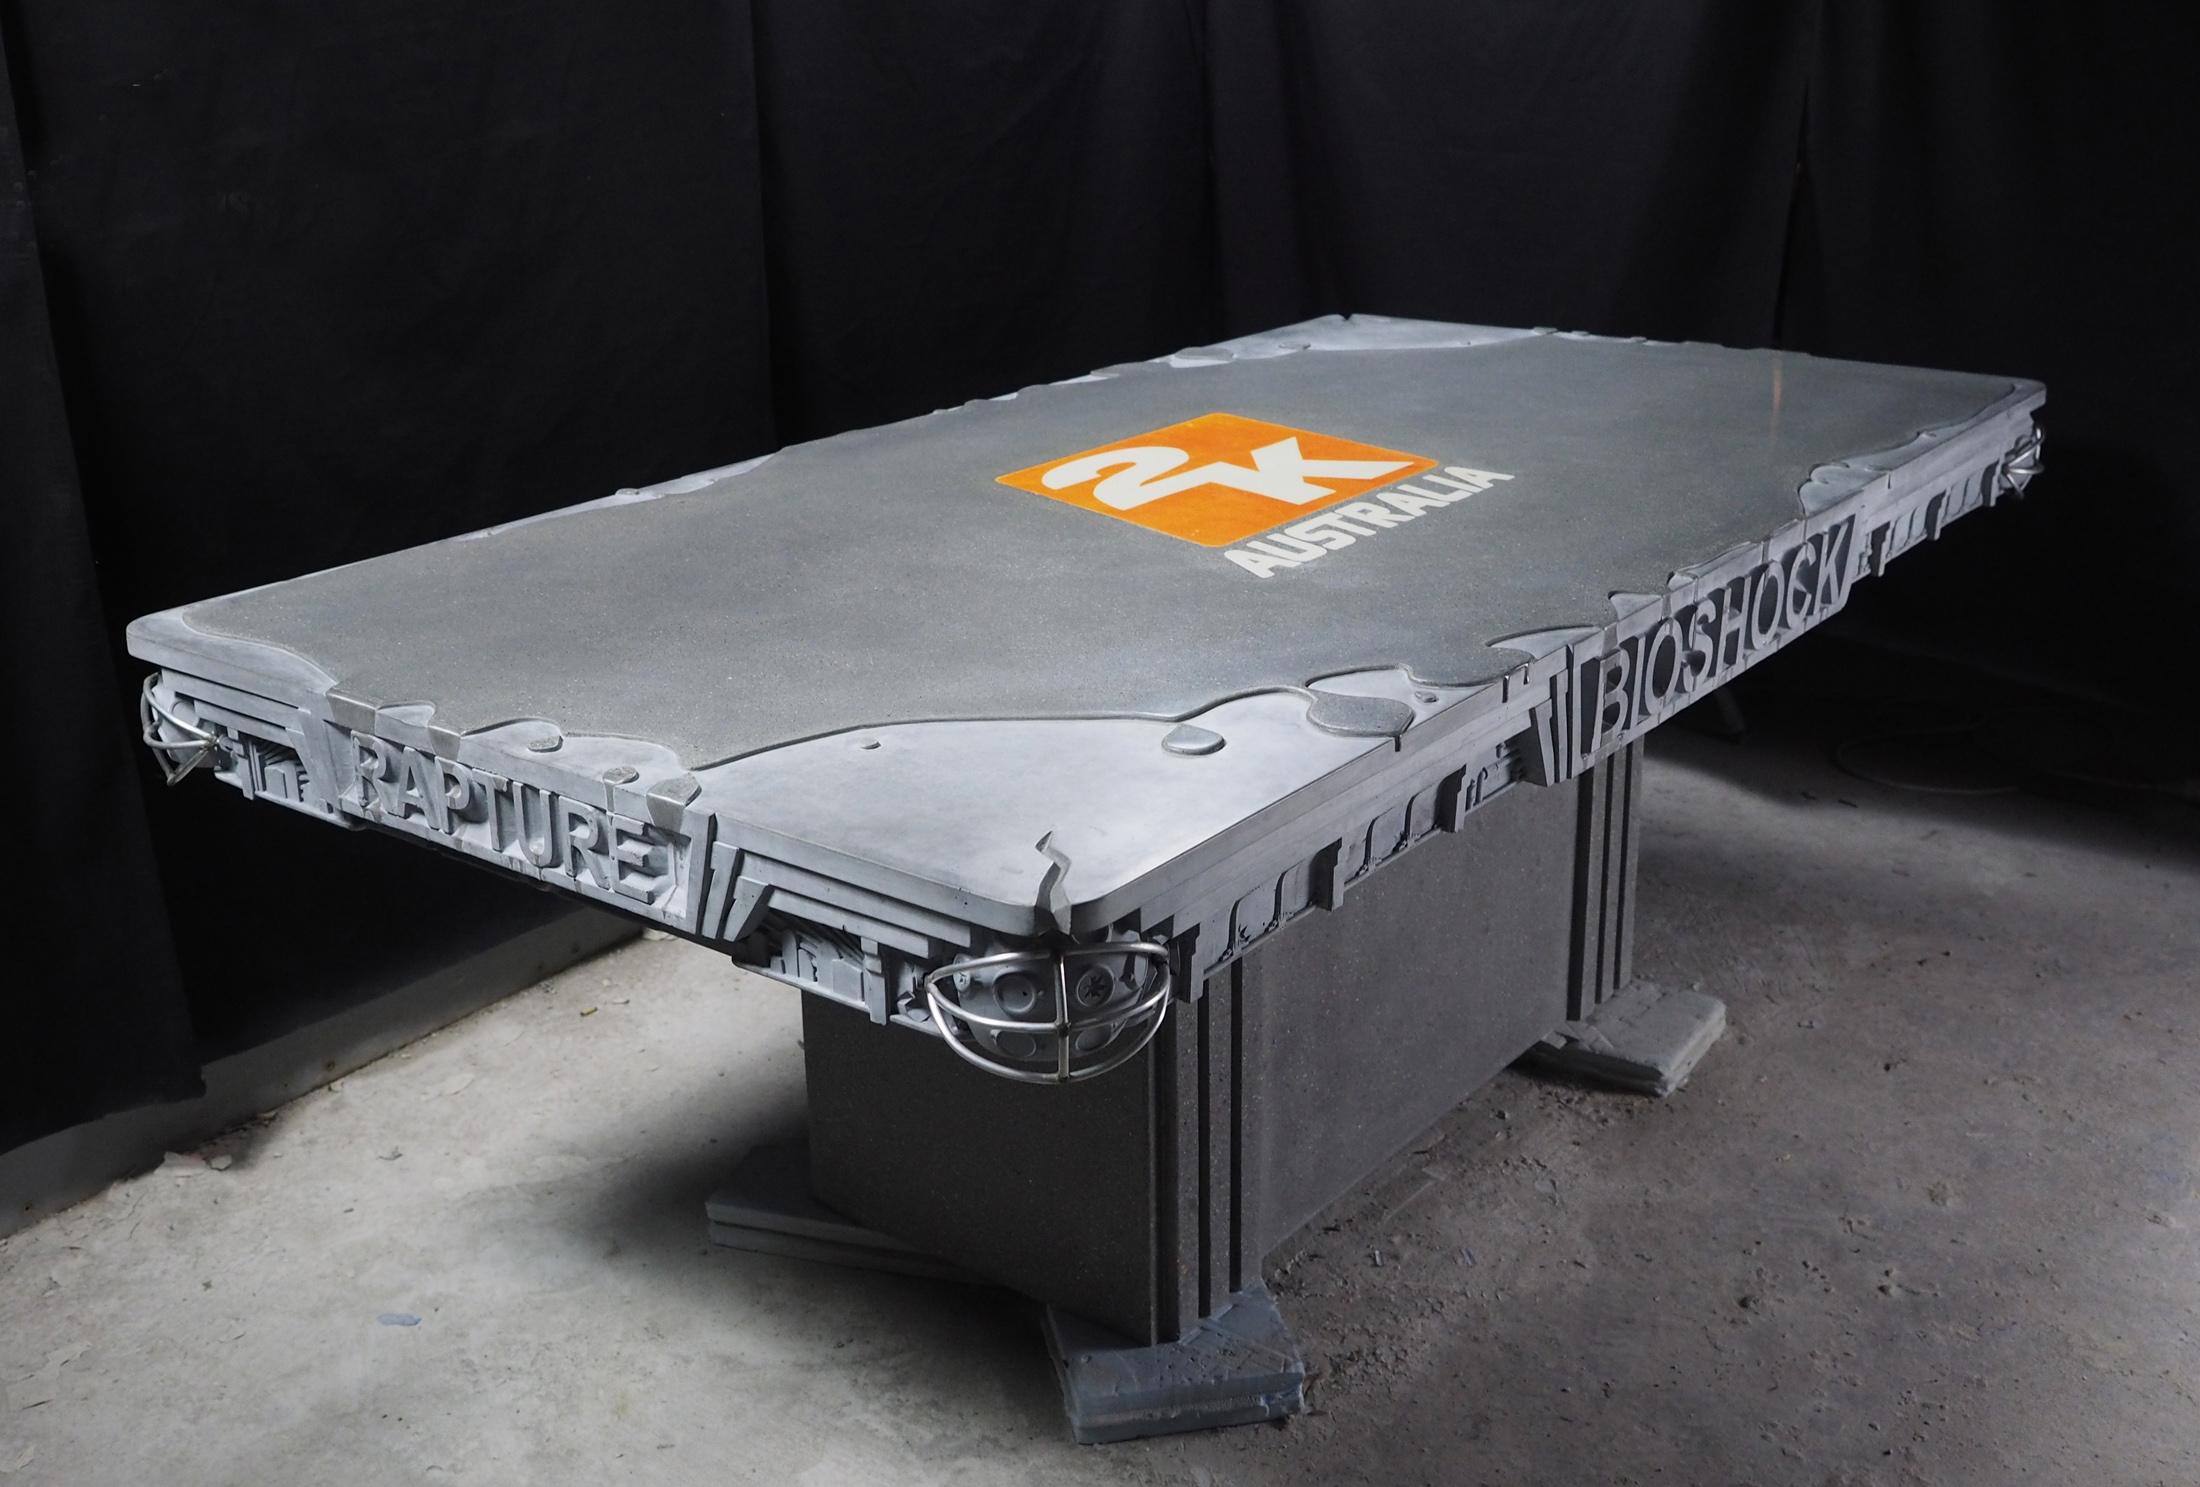 2KAustralia boardroom table